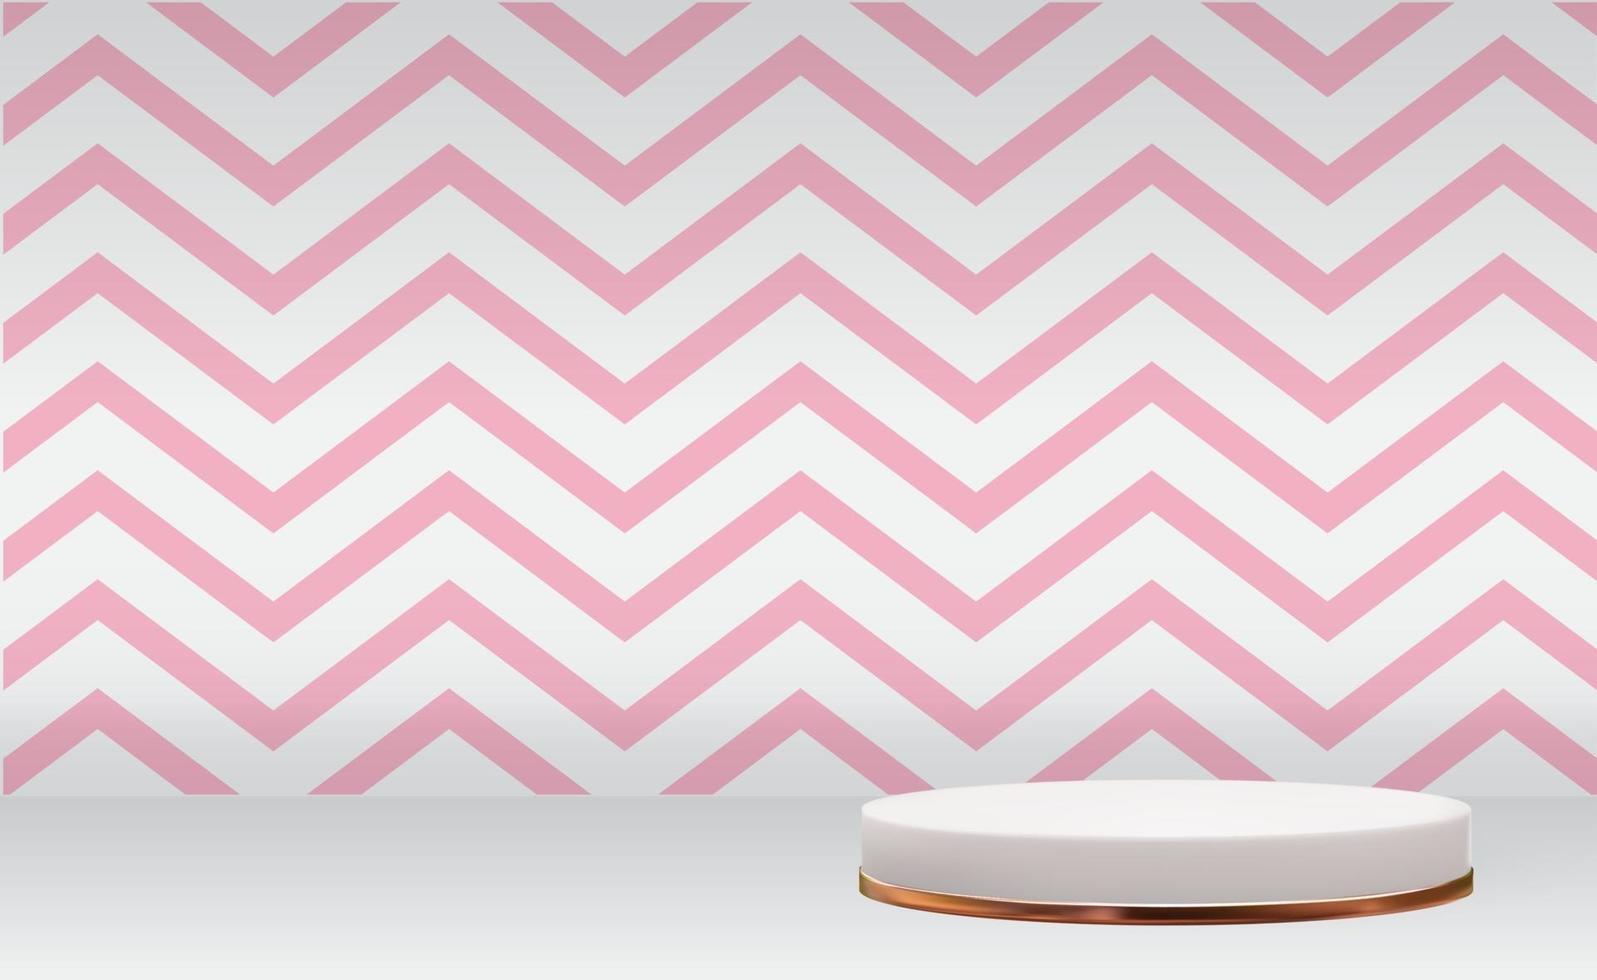 fundo de pedestal 3d branco com moldura de anel de vidro dourado e onda rosa para revista de moda de apresentação de produtos cosméticos vetor